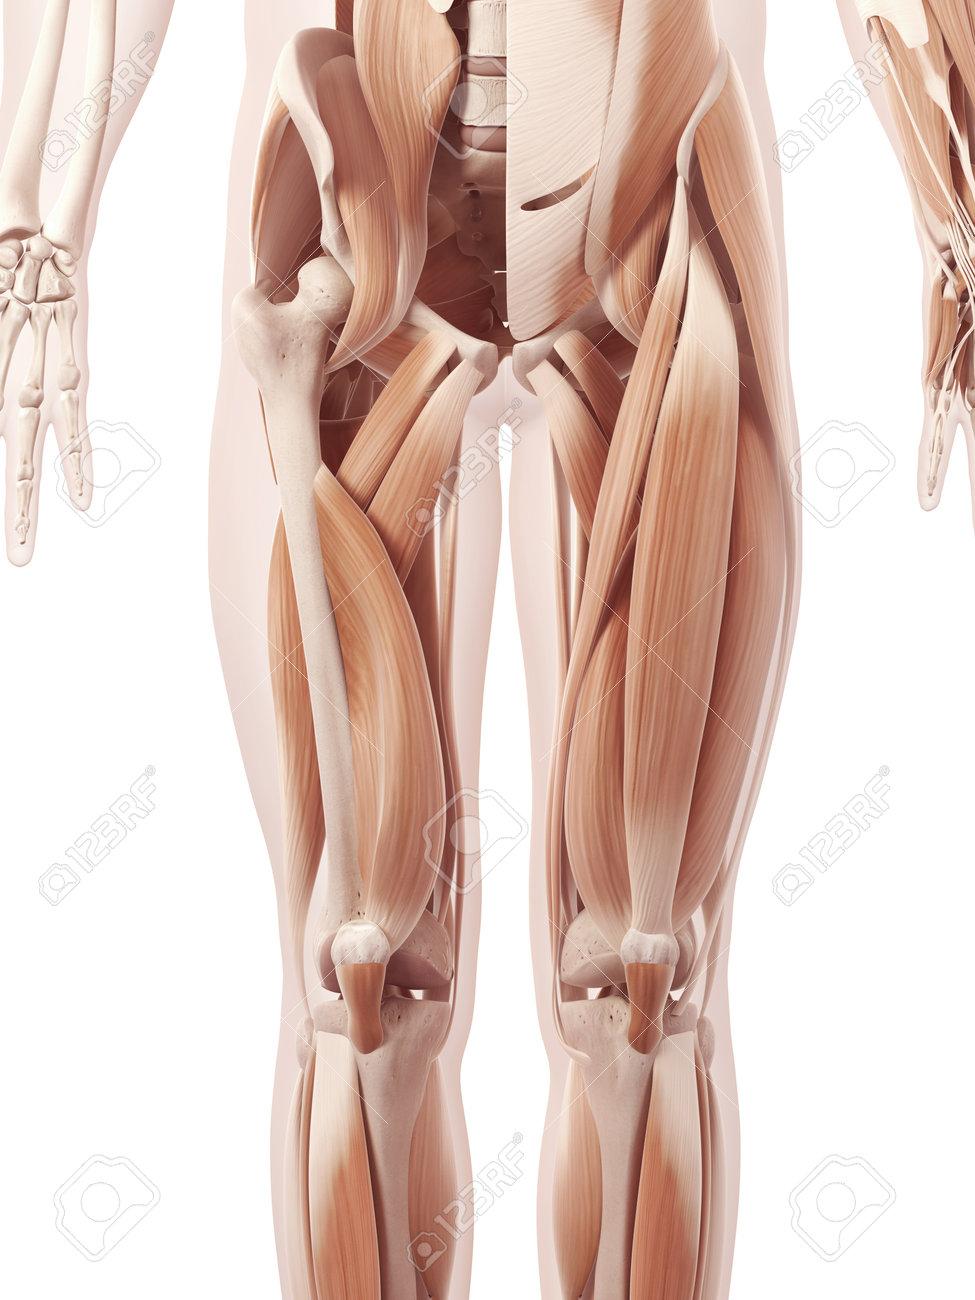 Encantador Diagrama De Músculo De La Pierna Bosquejo - Imágenes de ...